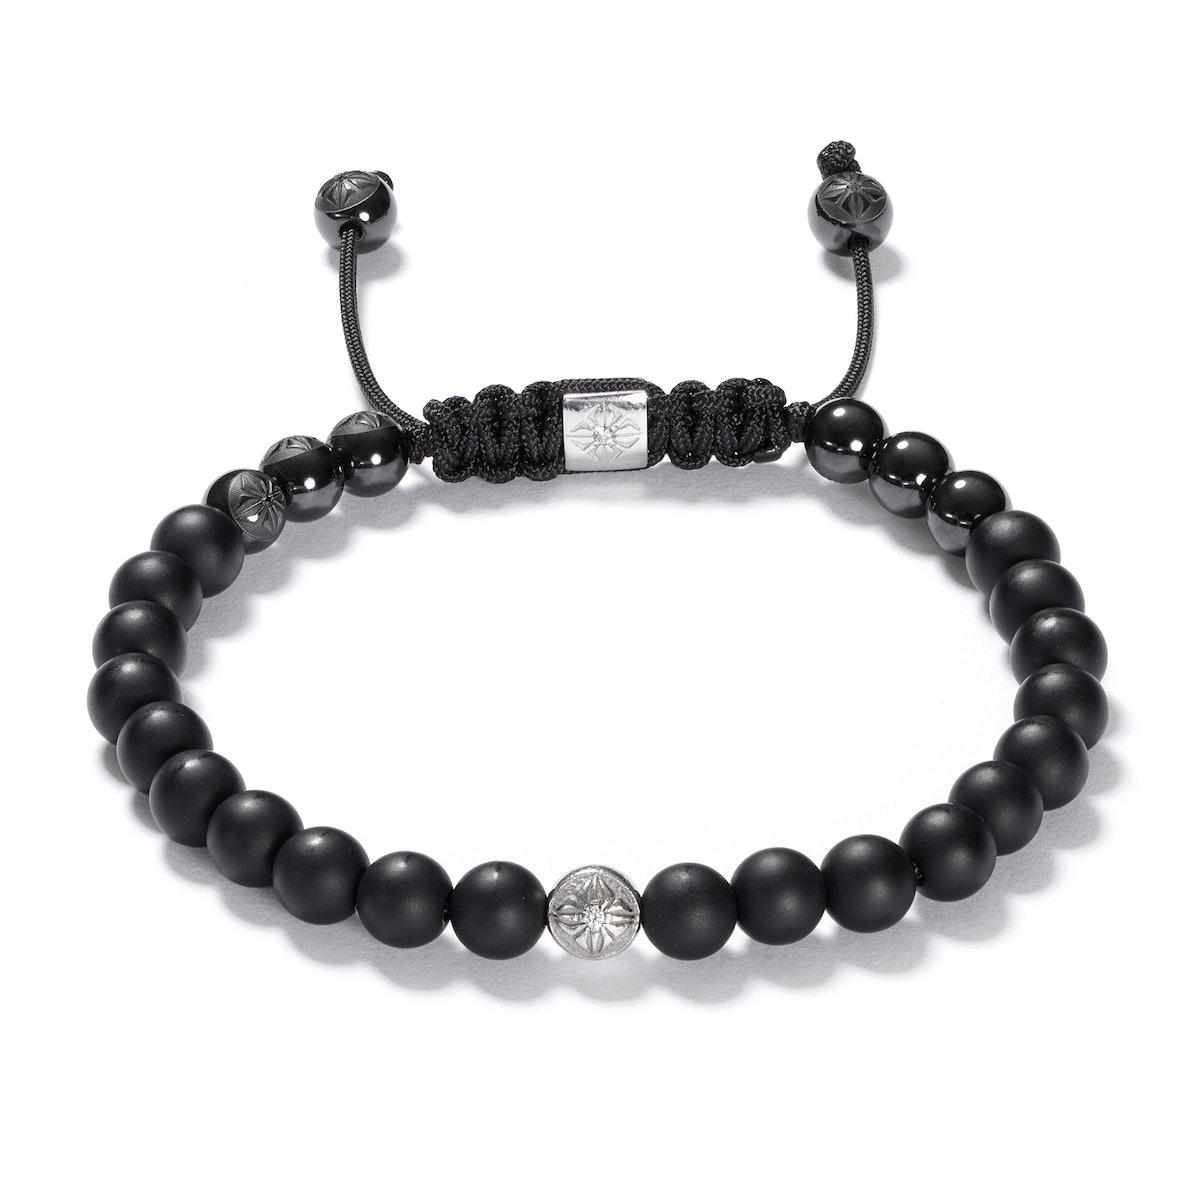 Shamballa Jewels gold, onyx, and diamond bracelet